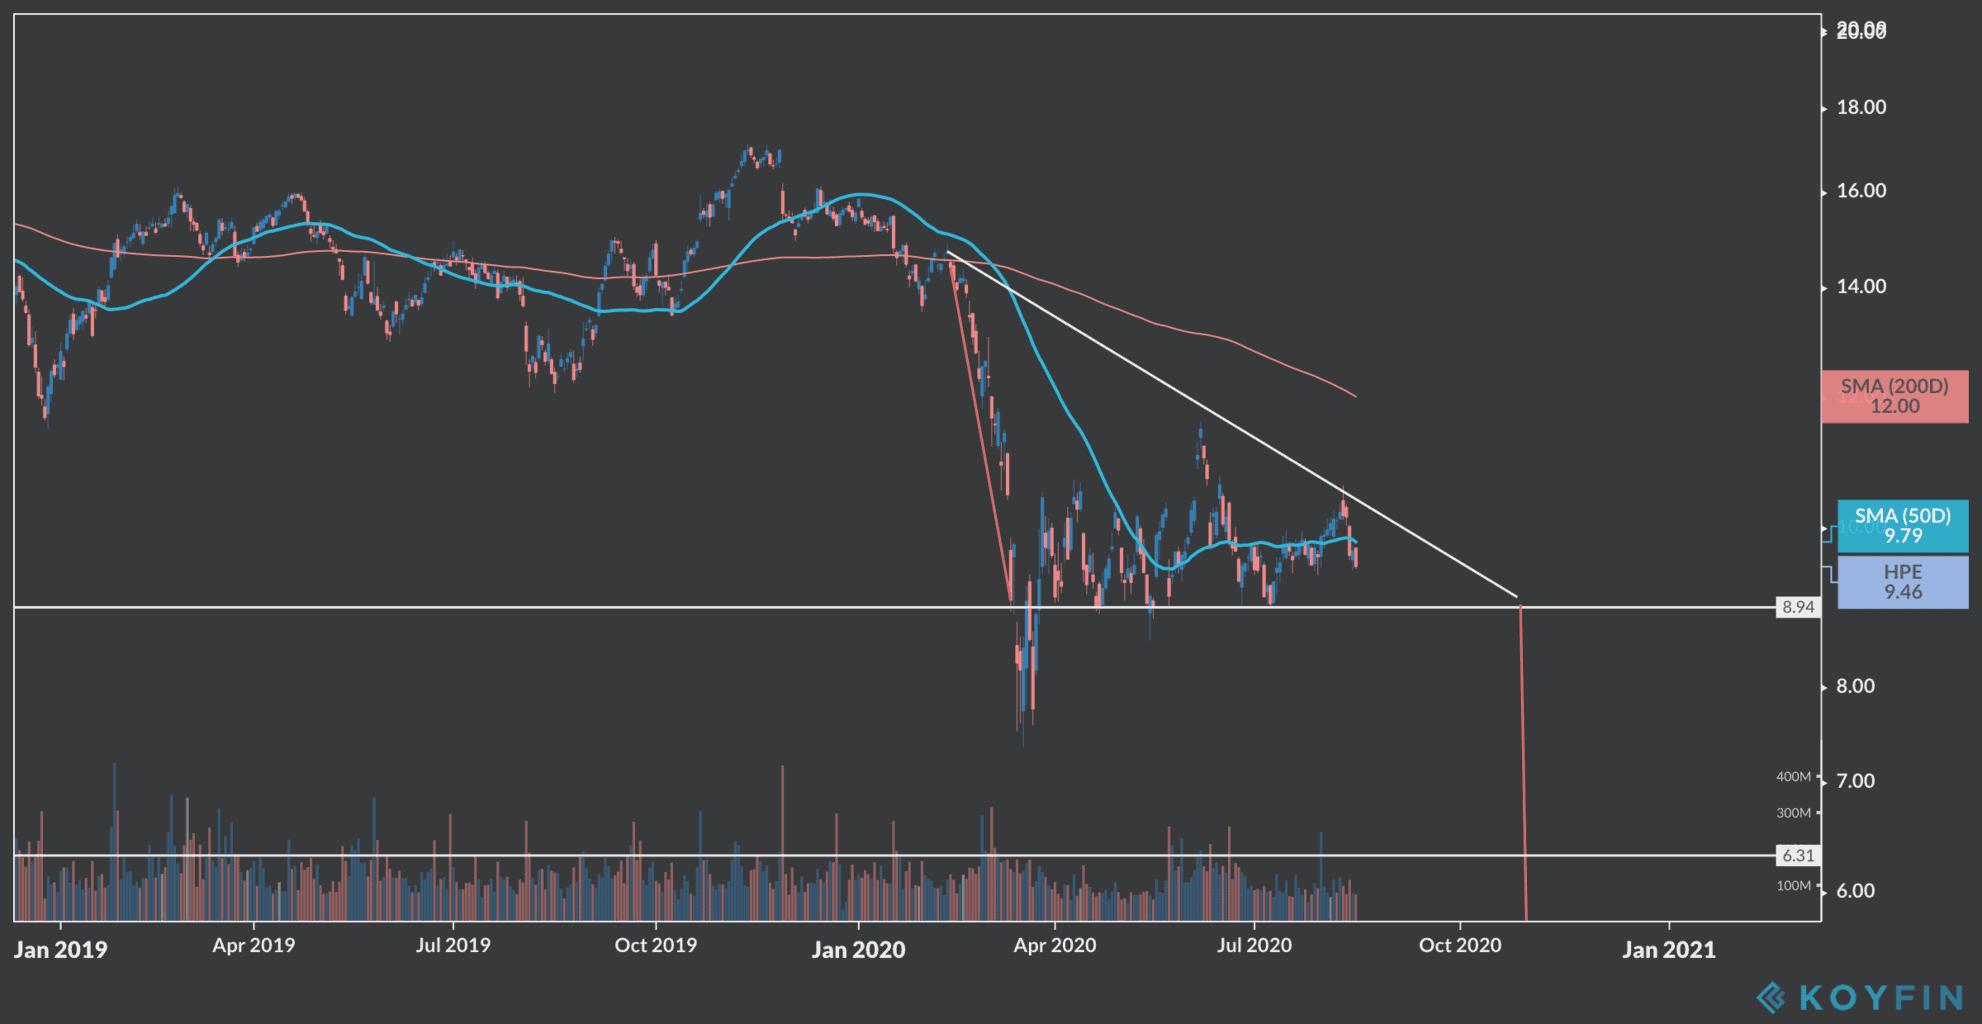 HP price chart